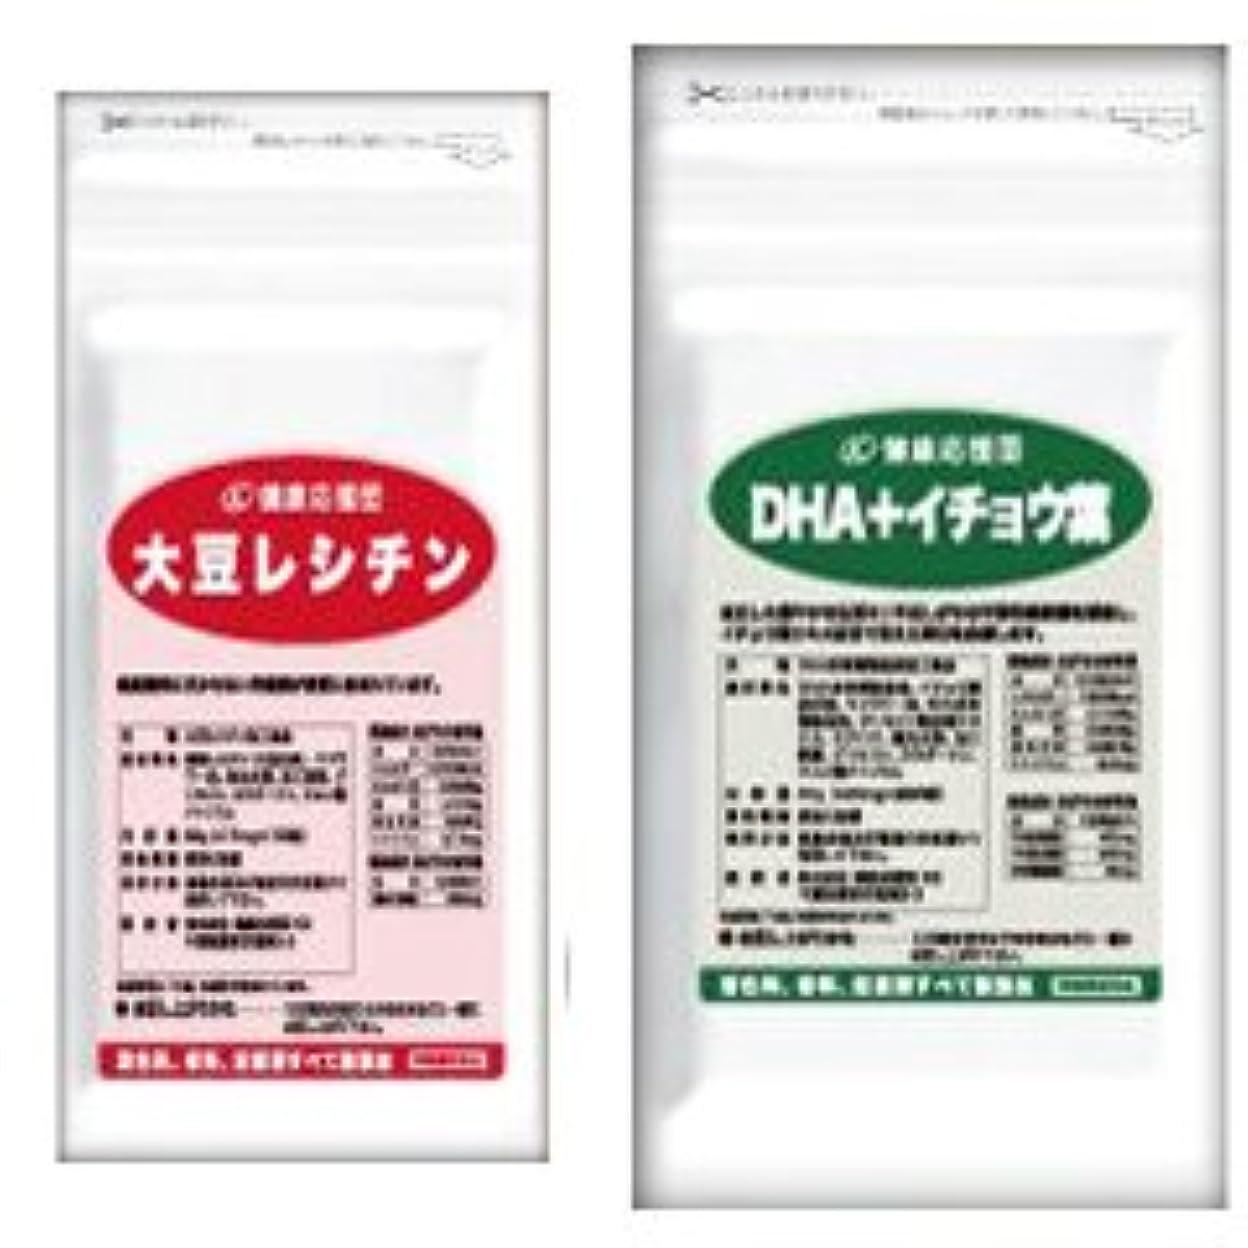 サラダ追い払うマニア(お徳用3か月分)流れサラサラセット 大豆レシチン+(DHA+イチョウ葉)3袋&3袋セット(DHA?EPA?イチョウ葉)